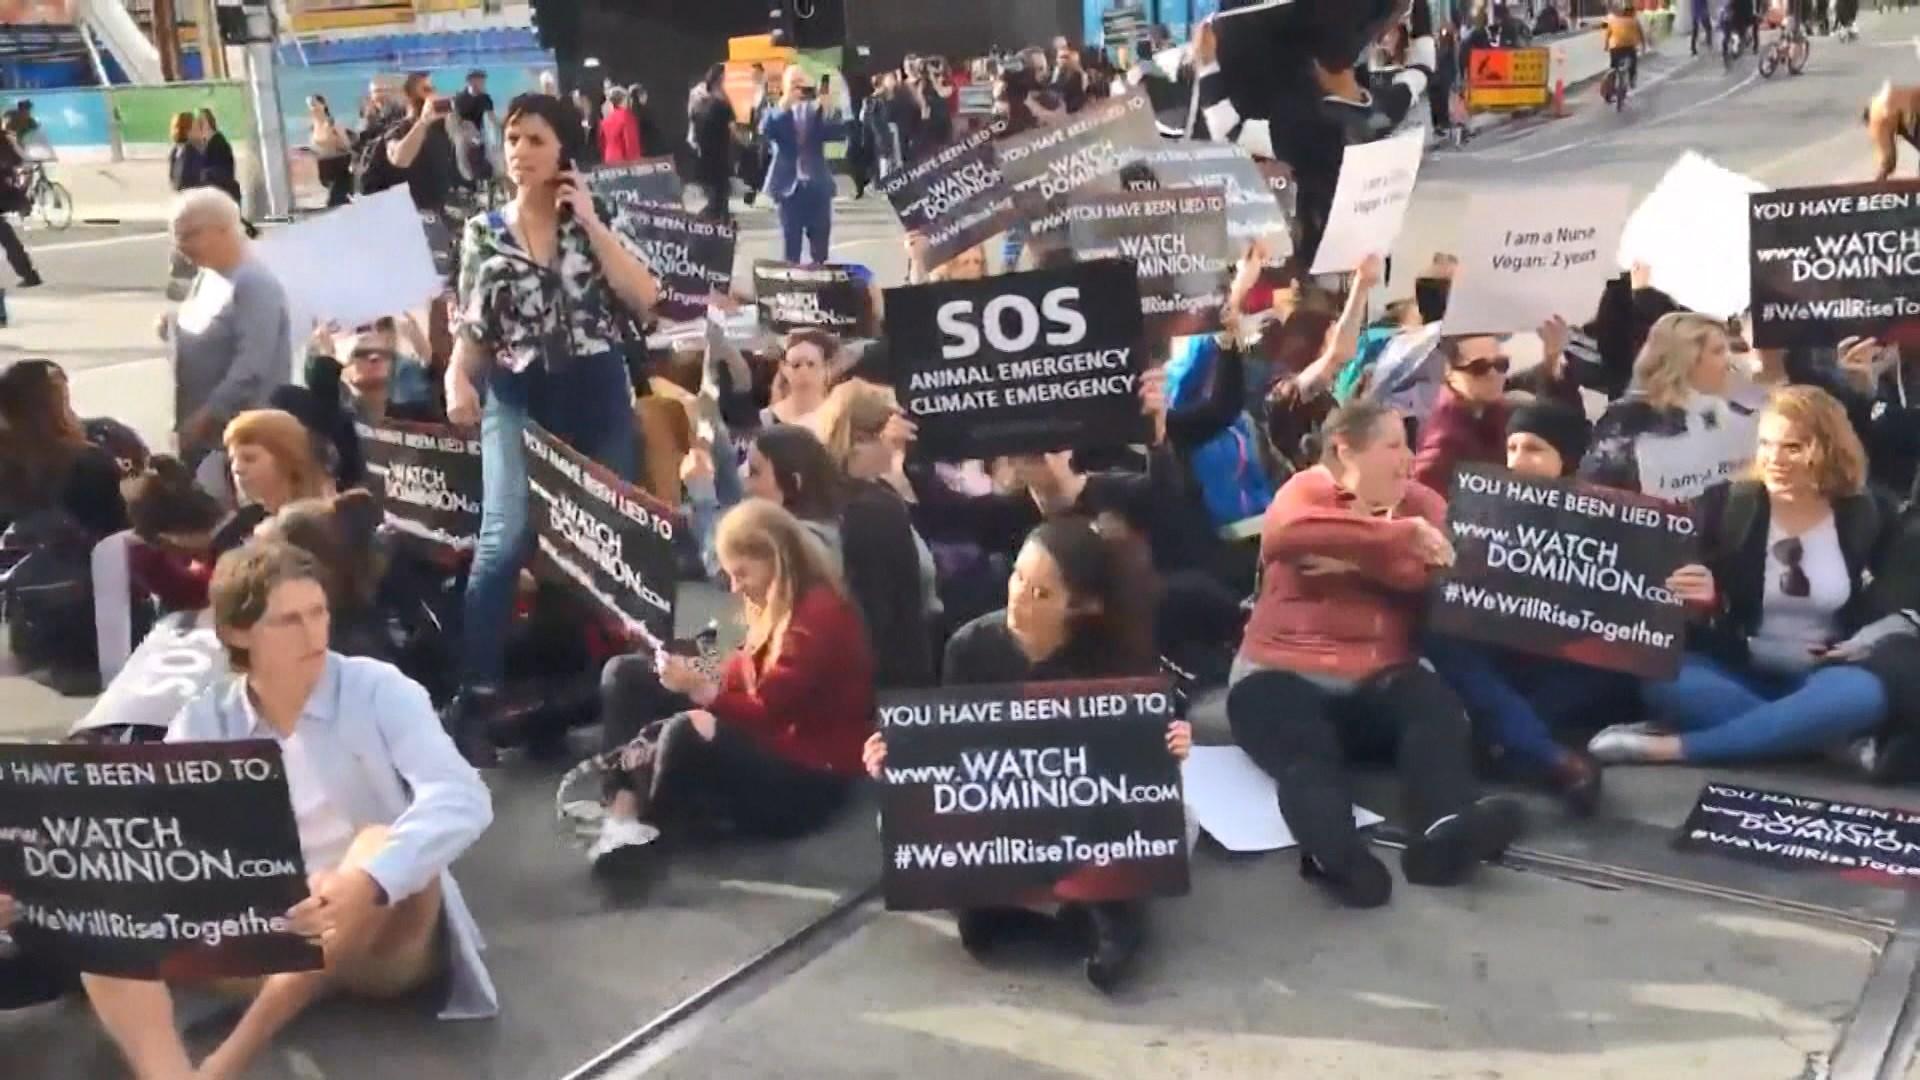 澳洲純素主義者闖屠場抗議屠宰動物